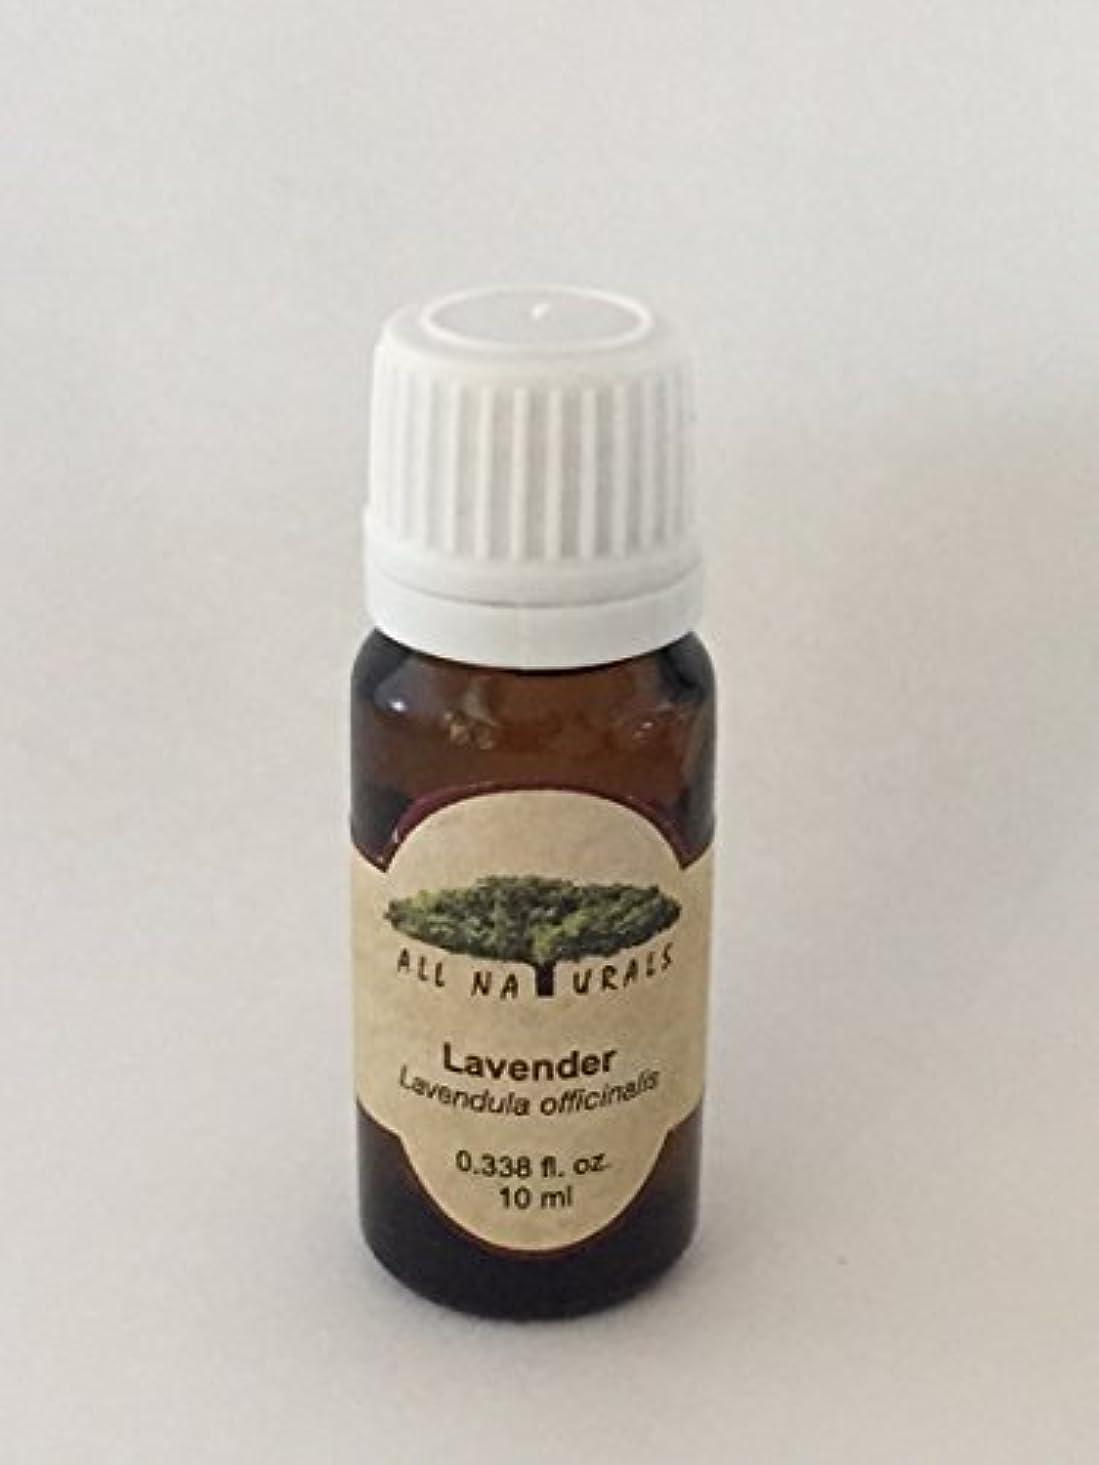 病院レガシー喪ラベンダー (精油) 10ML Lavender Essential Oil